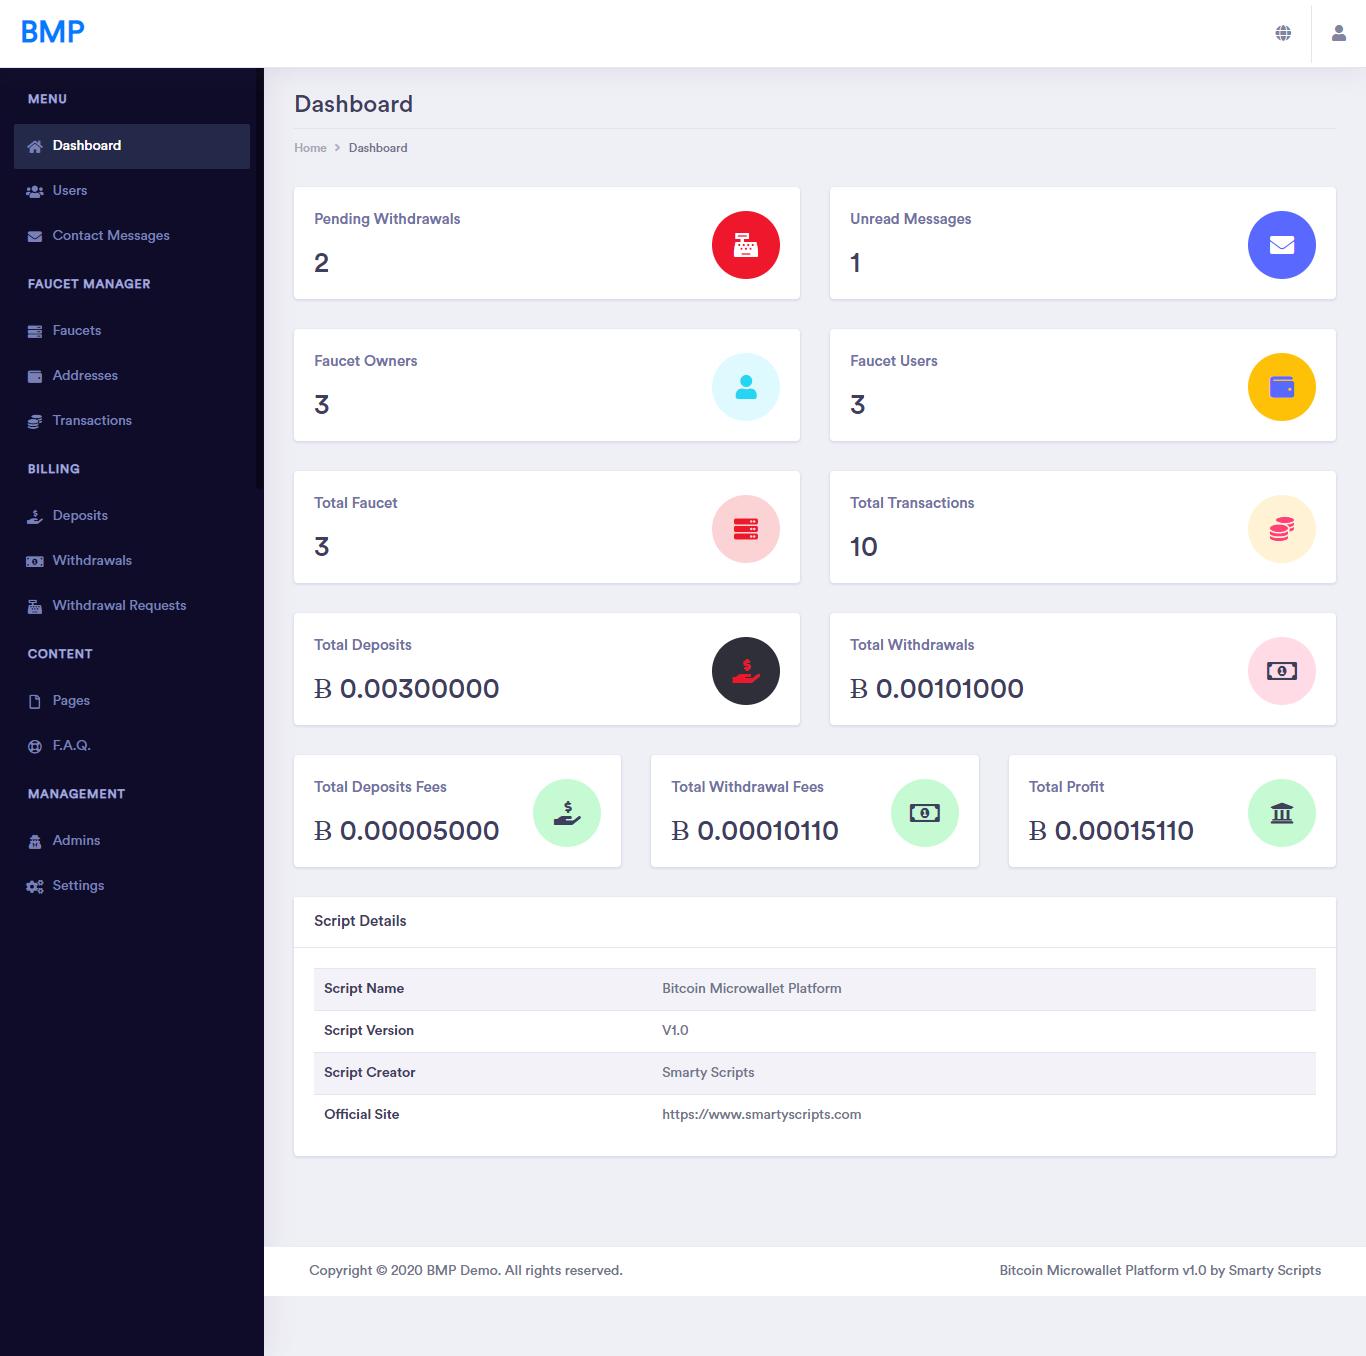 BMP - Bitcoin Microwallet Platform - Screen 3